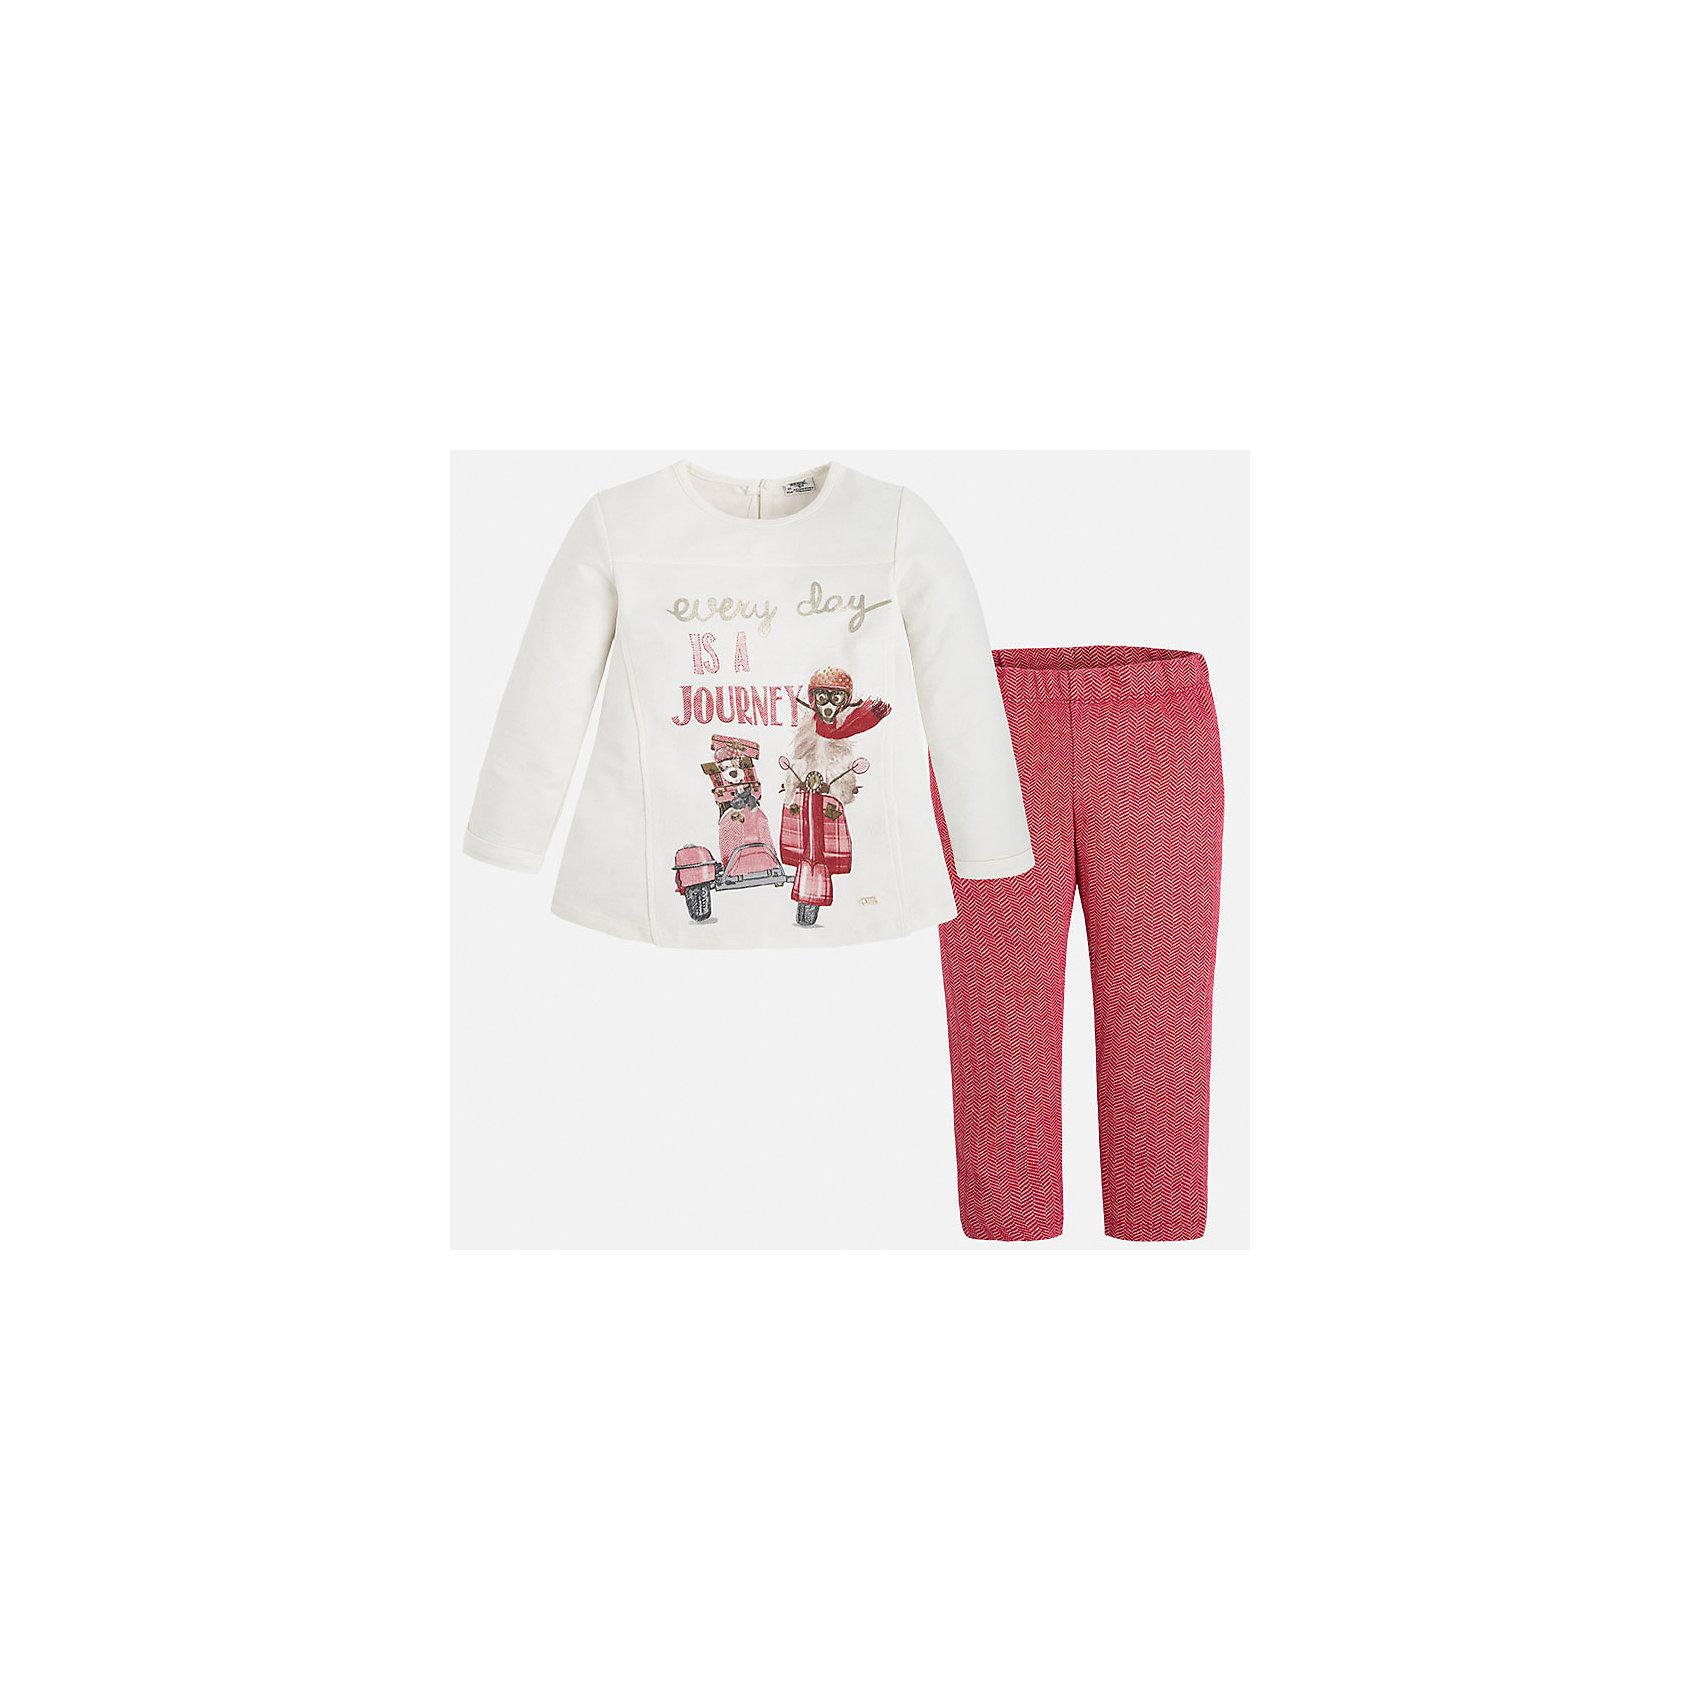 Комплект для девочки: футболка и леггинсы MayoralЯркий комплект от Mayoral состоит из футболки с длинным рукавом и леггинсов контрастной расцветки. Футболка оформлена оригинальным принтом с объемными элементами и вышивкой. Леггинсы из ткани в рубчик отлично облегают фигуру, не вытягиваются во время стирки и носки. Комплект выполнен из натурального хлопка, прекрасно пропускает воздух, очень приятен к телу.  <br><br>Дополнительная информация:<br><br>- Мягкий трикотажный материал. <br>- Комплектация: леггинсы, футболка. <br>- Округлый вырез горловины. <br>- Футболка застегивается на пуговицу сзади. <br>- Оригинальный принт спереди. <br>- Леггинсы на поясе с резинкой.<br>Состав:<br>- 100% хлопок.<br><br>Комплект: футболку и леггинсы для девочки Mayoral (Майорал), кремовый/красный, можно купить в нашем магазине.<br><br>Ширина мм: 123<br>Глубина мм: 10<br>Высота мм: 149<br>Вес г: 209<br>Цвет: красный<br>Возраст от месяцев: 24<br>Возраст до месяцев: 36<br>Пол: Женский<br>Возраст: Детский<br>Размер: 122,110,104,116,134,128,98<br>SKU: 4844970